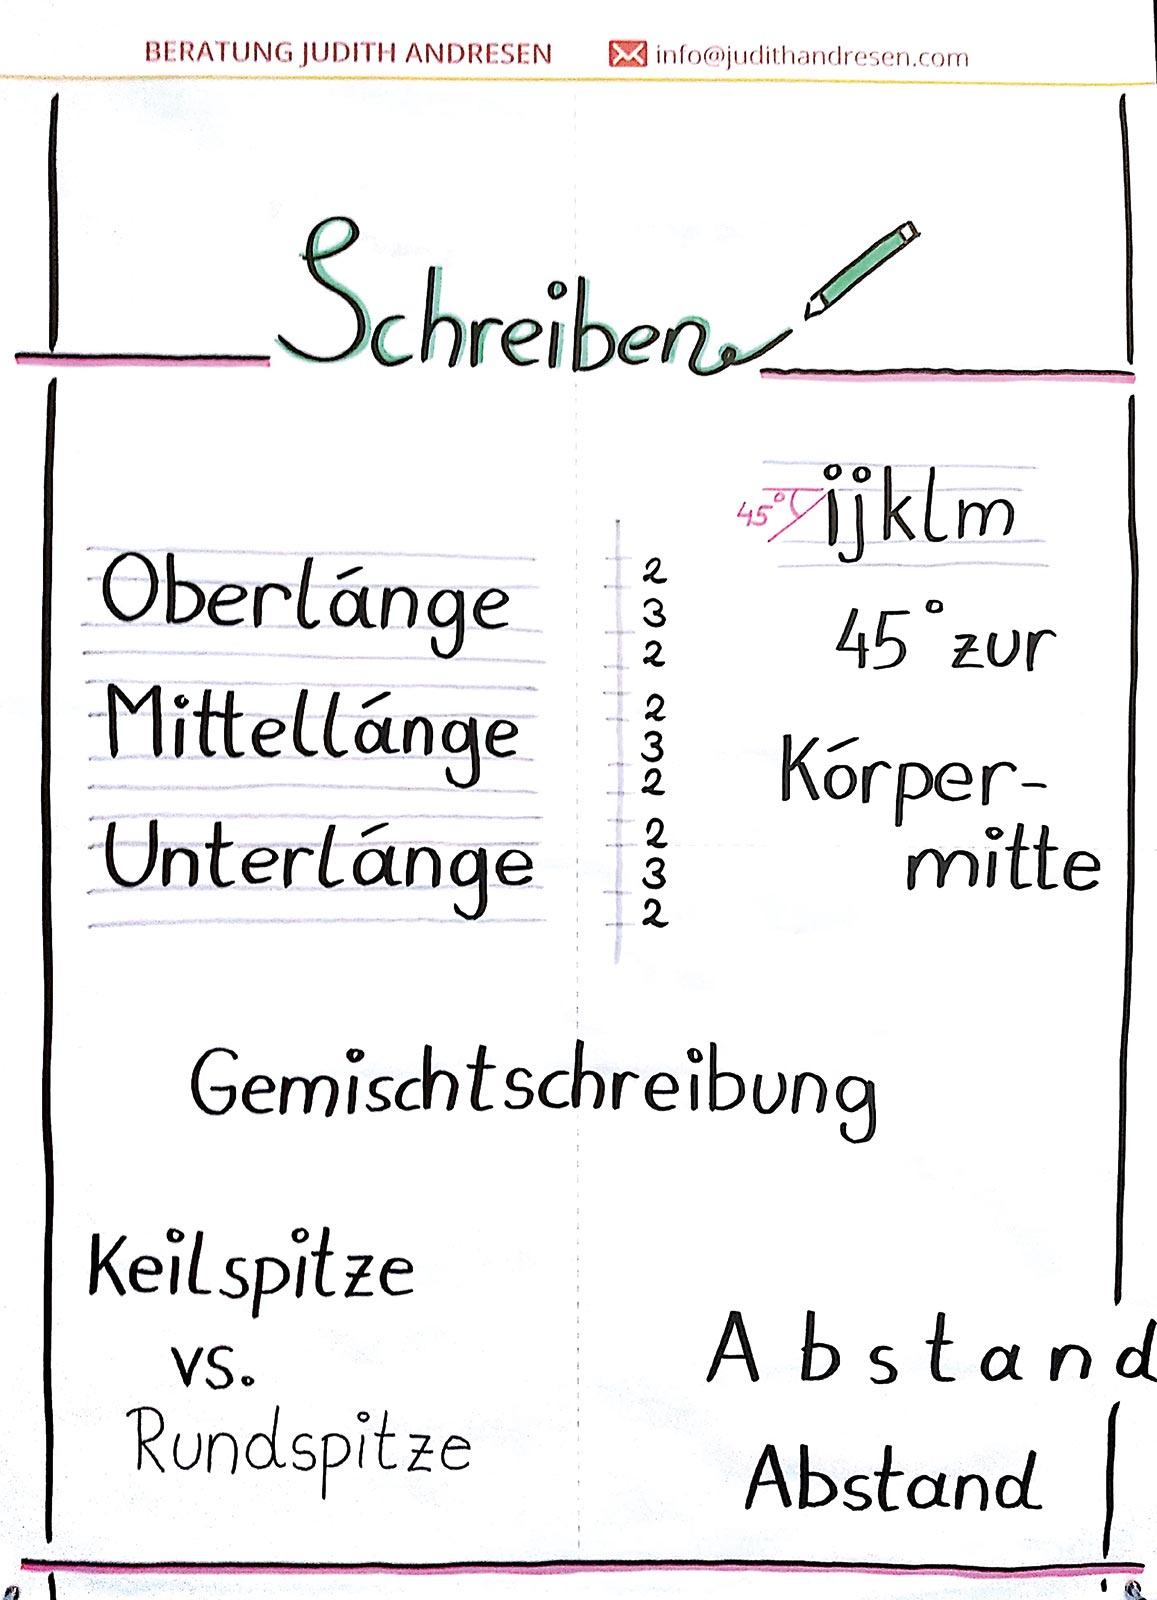 steurer_uebung_1.tif_fmt1.jpg